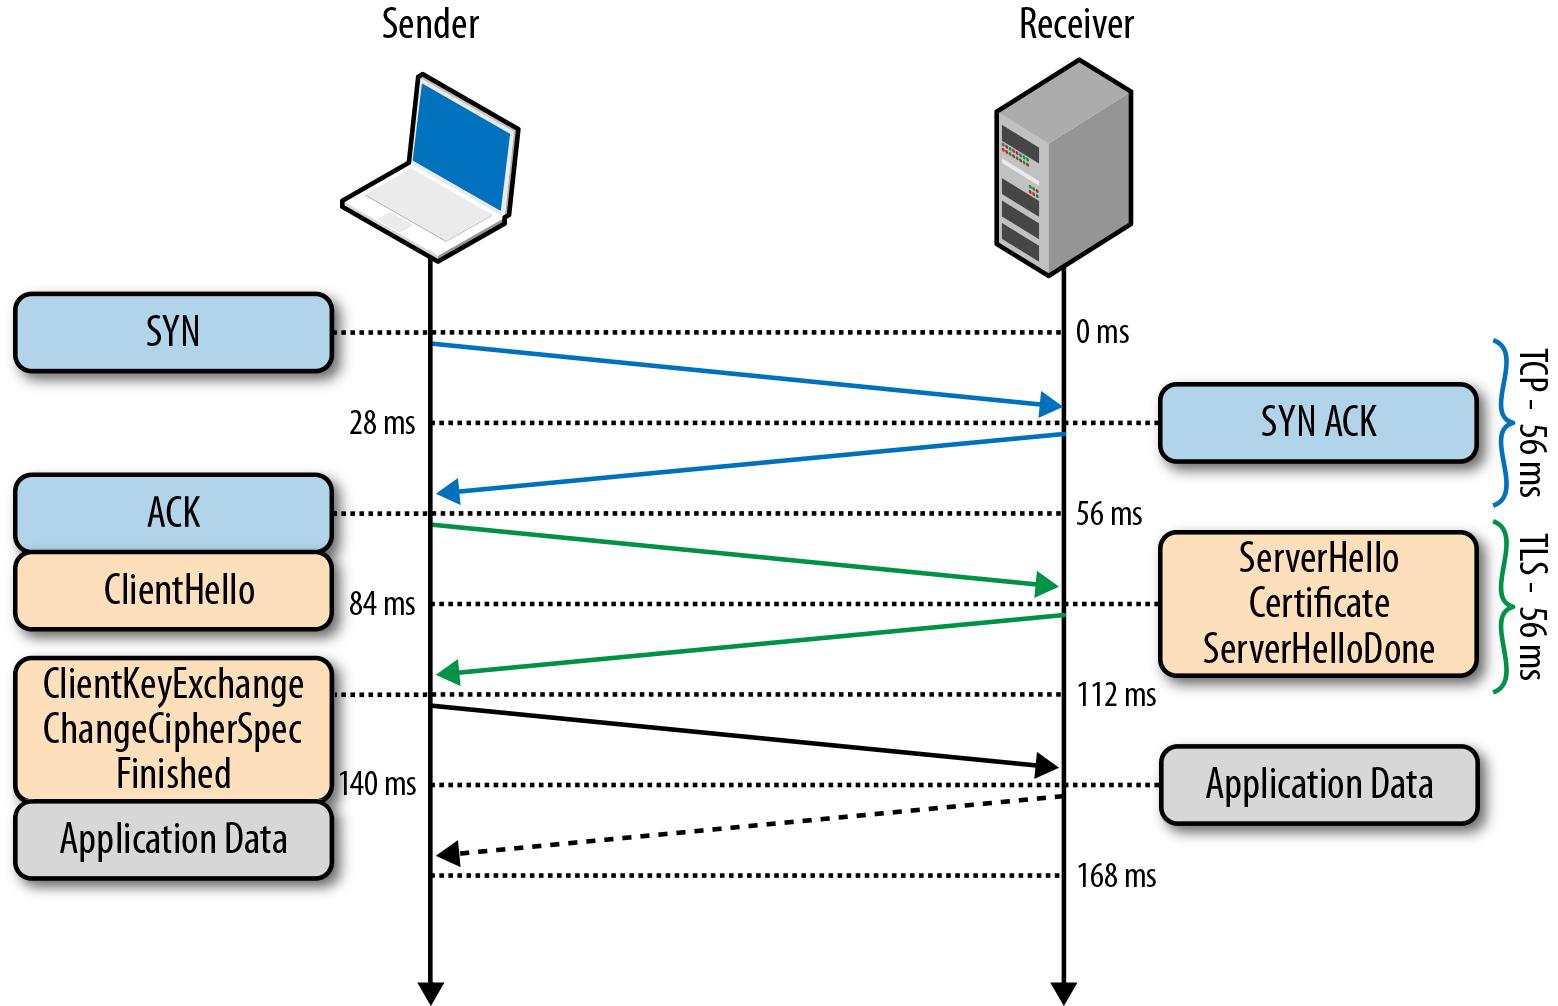 Передача данных при SSL-соединении